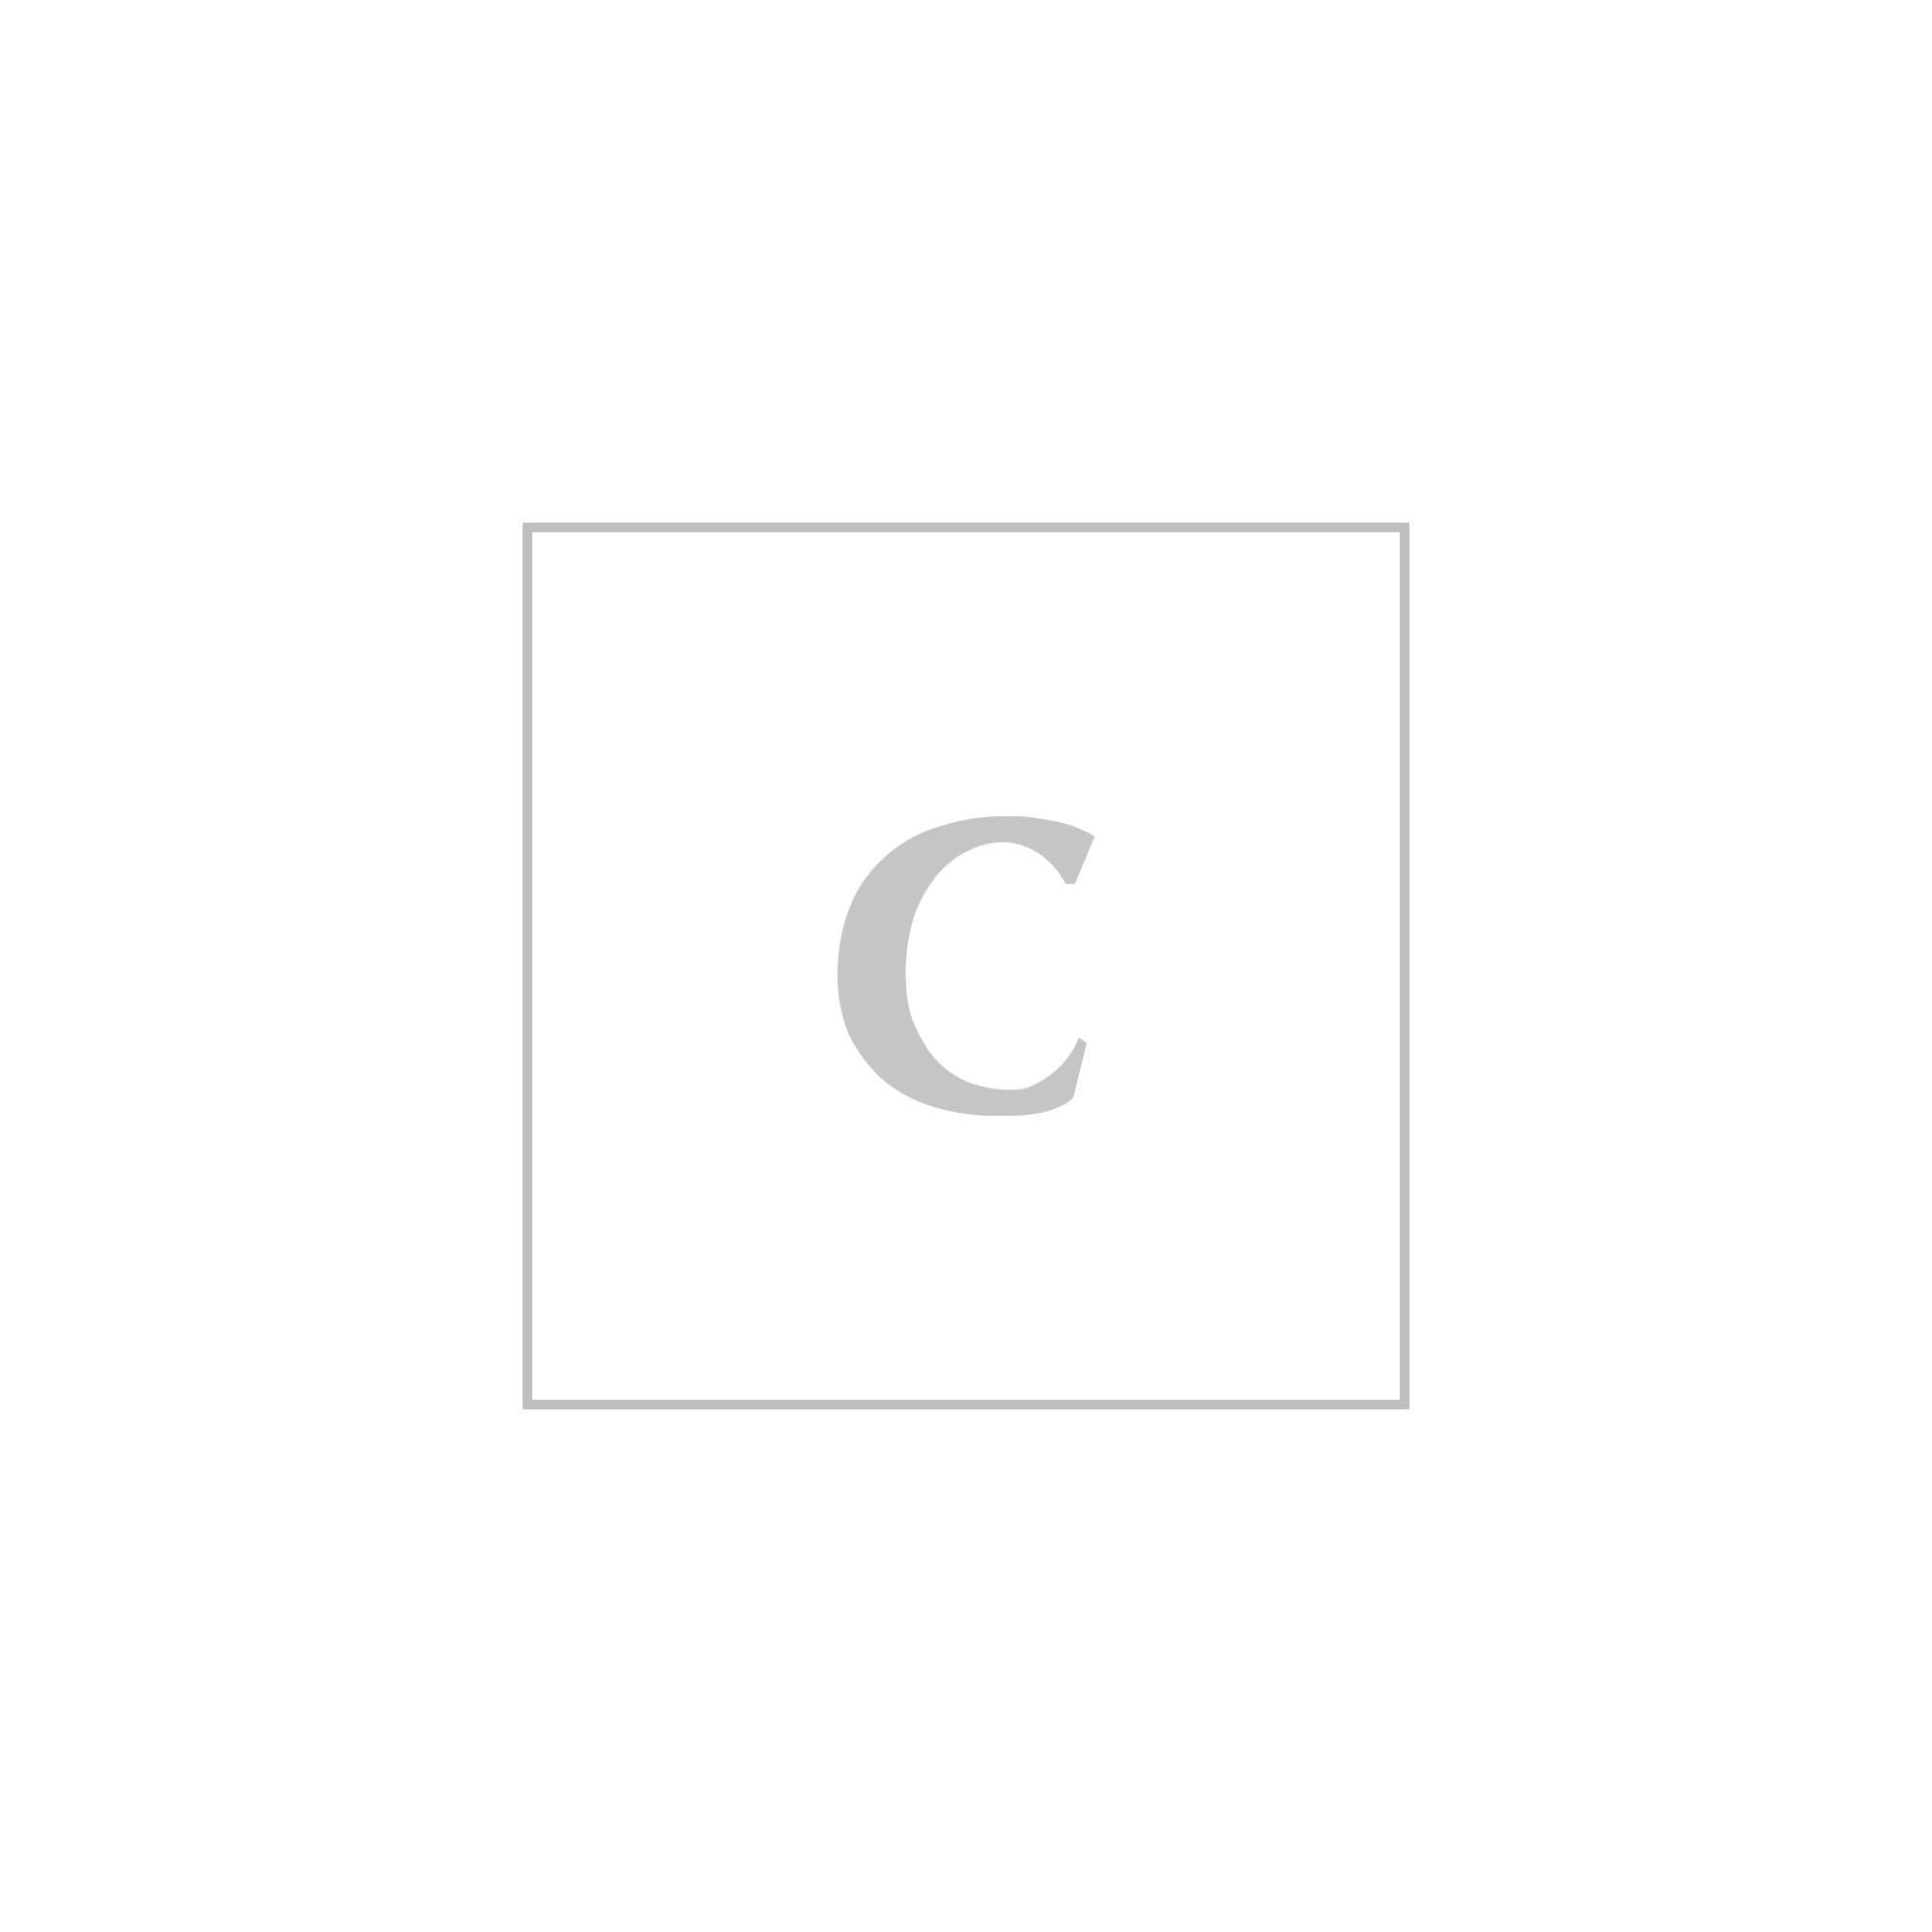 Calvin klein 205w39nyc sleeveless knit top